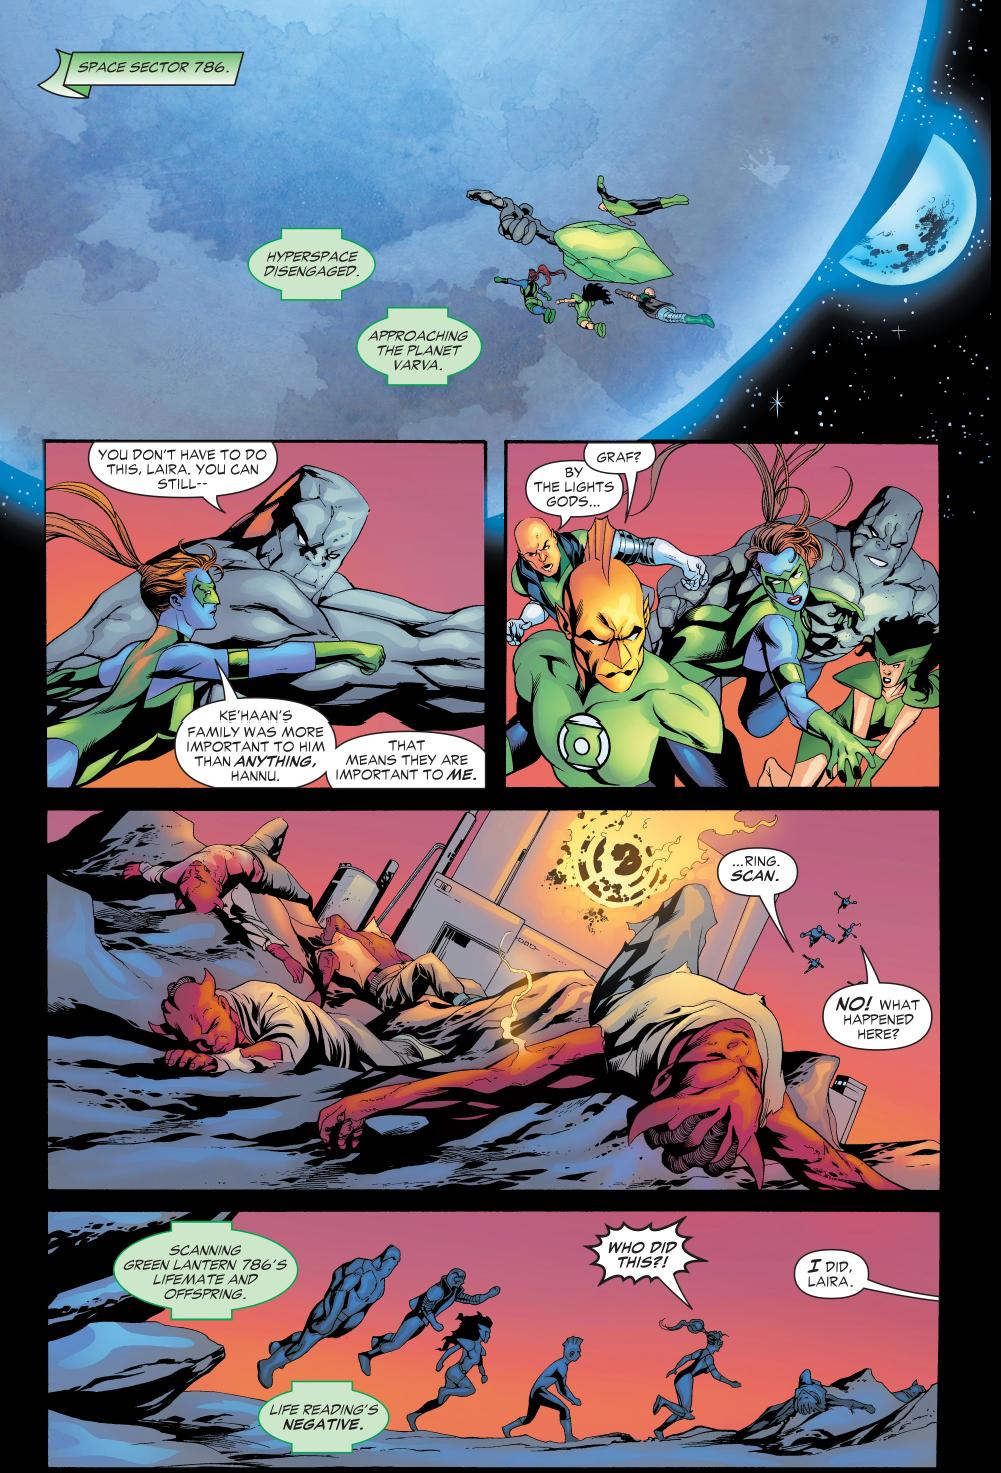 Green Lantern Laira Kills Sinestro Corps Amon Sur